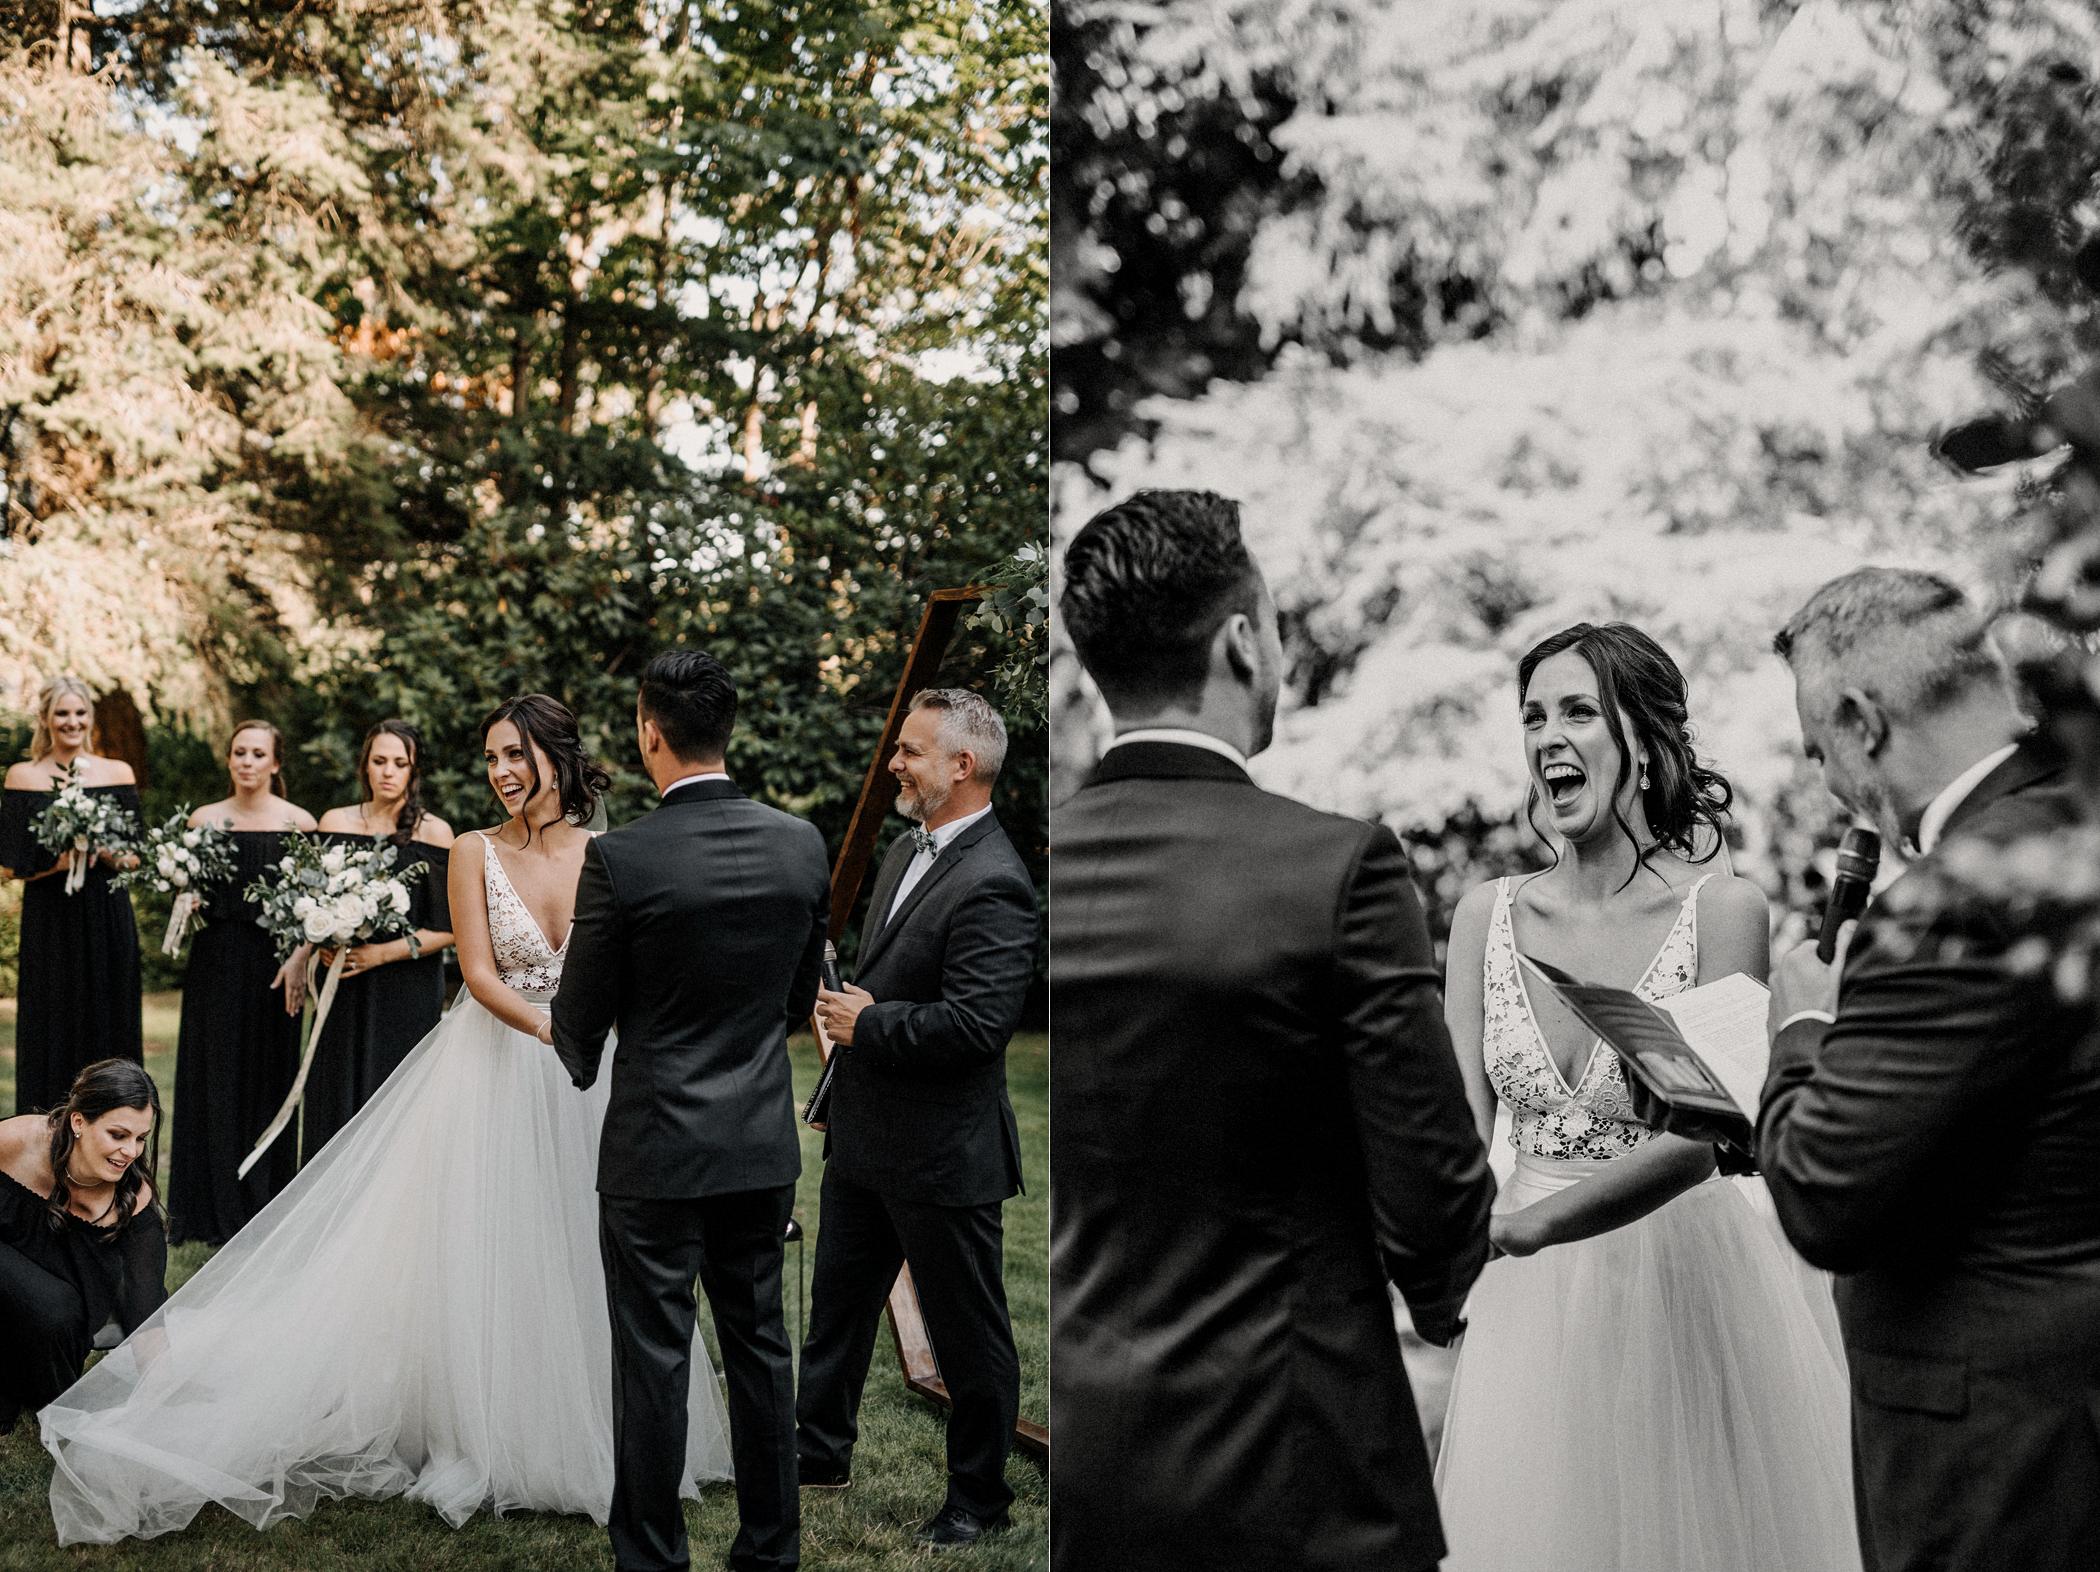 035-kaoverii-silva-KR-wedding-vancouver-photography-blog.png